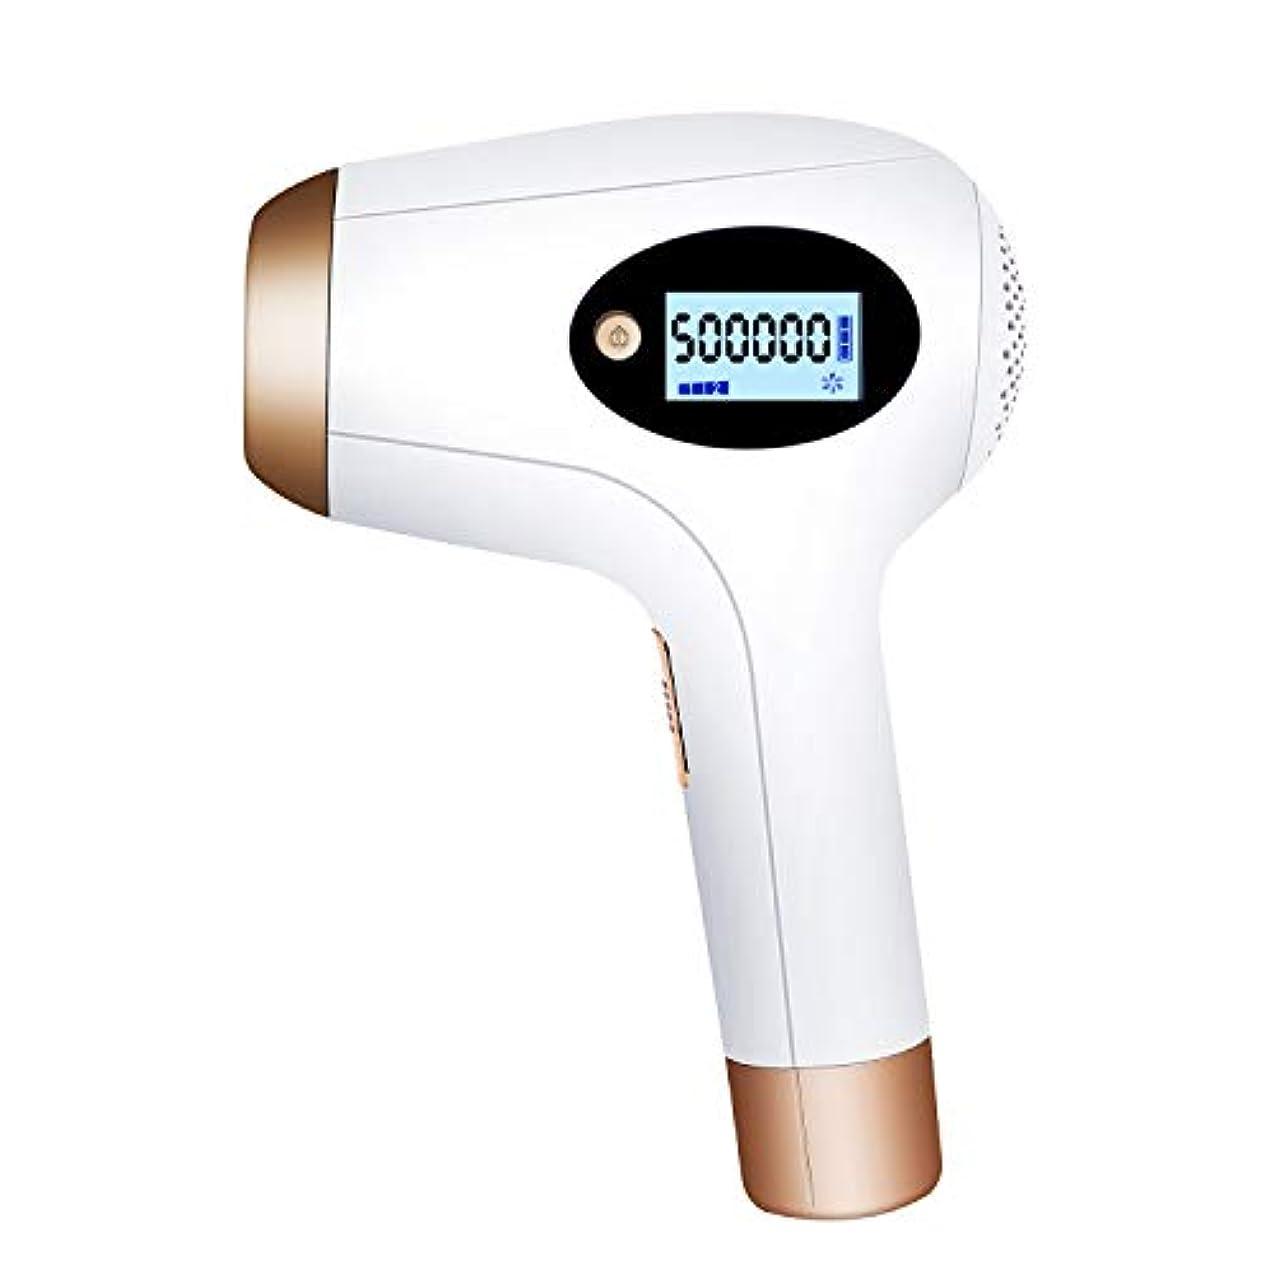 看板火炎部門IPL脱毛デバイスシステム女性男性、永久的な500,000フラッシュ痛みのない顔の毛はレーザー脱毛機を削除します。